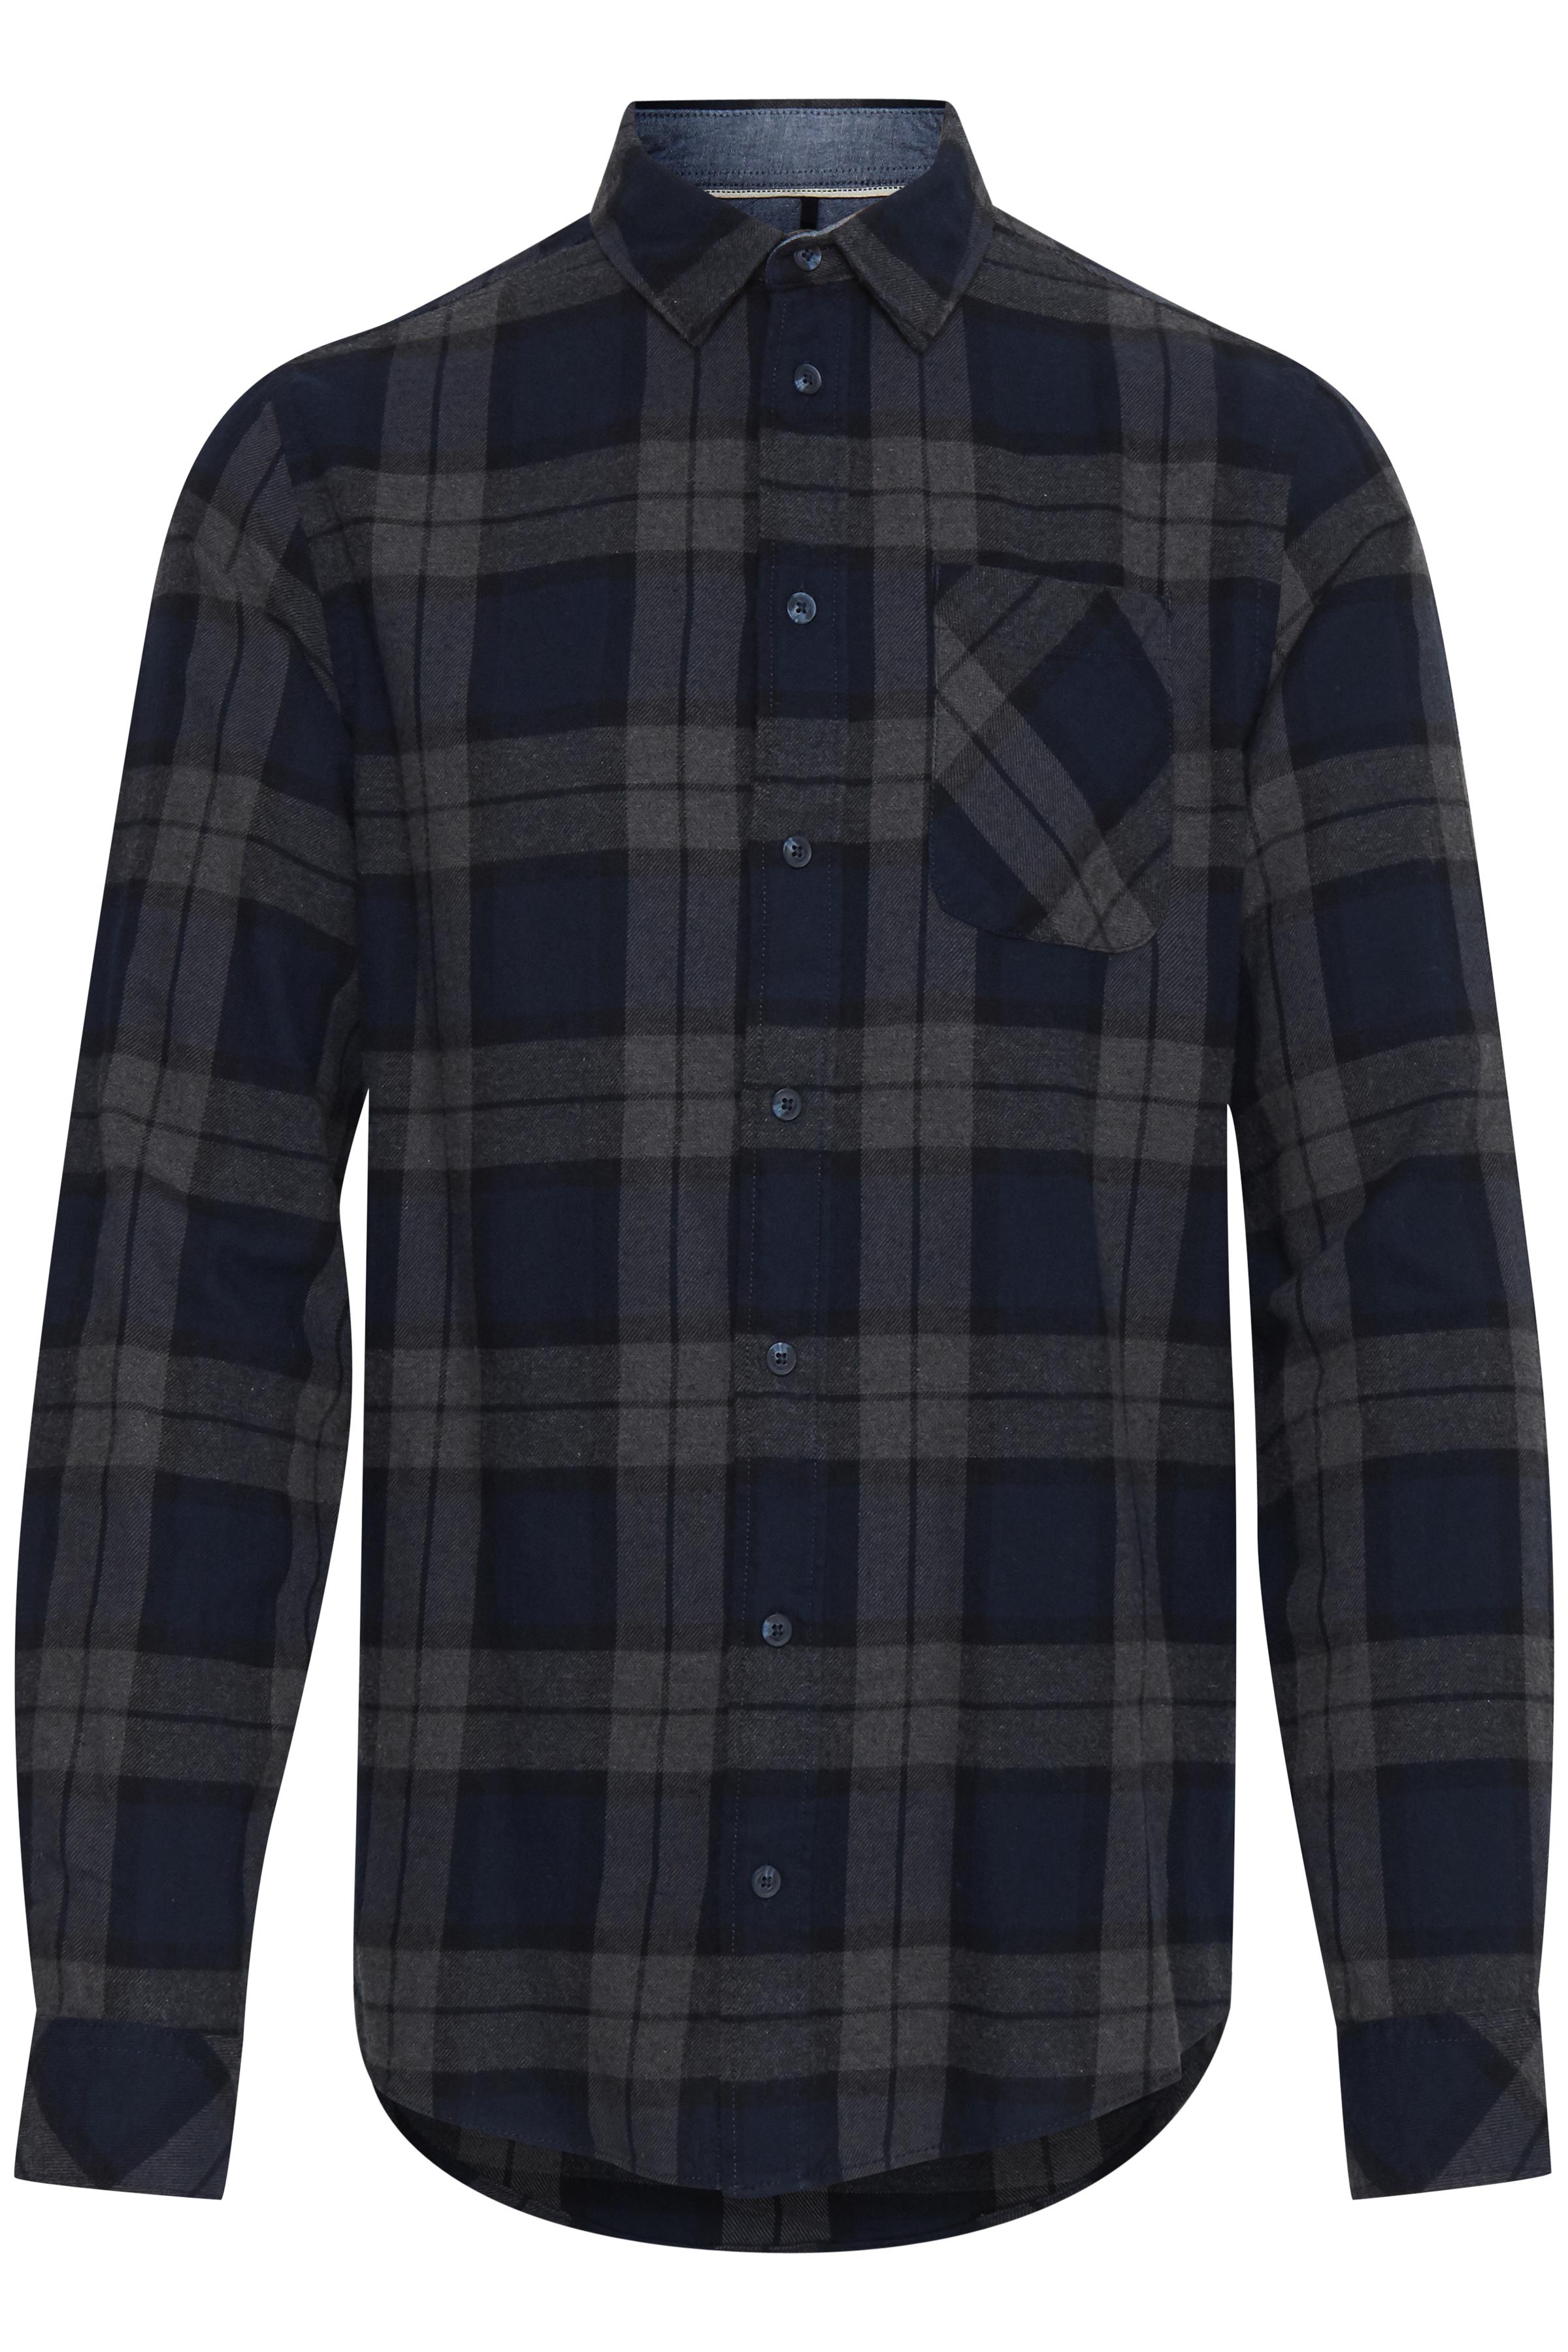 Image of Blend He Herre Langærmet skjorte - Dark Navy Blue